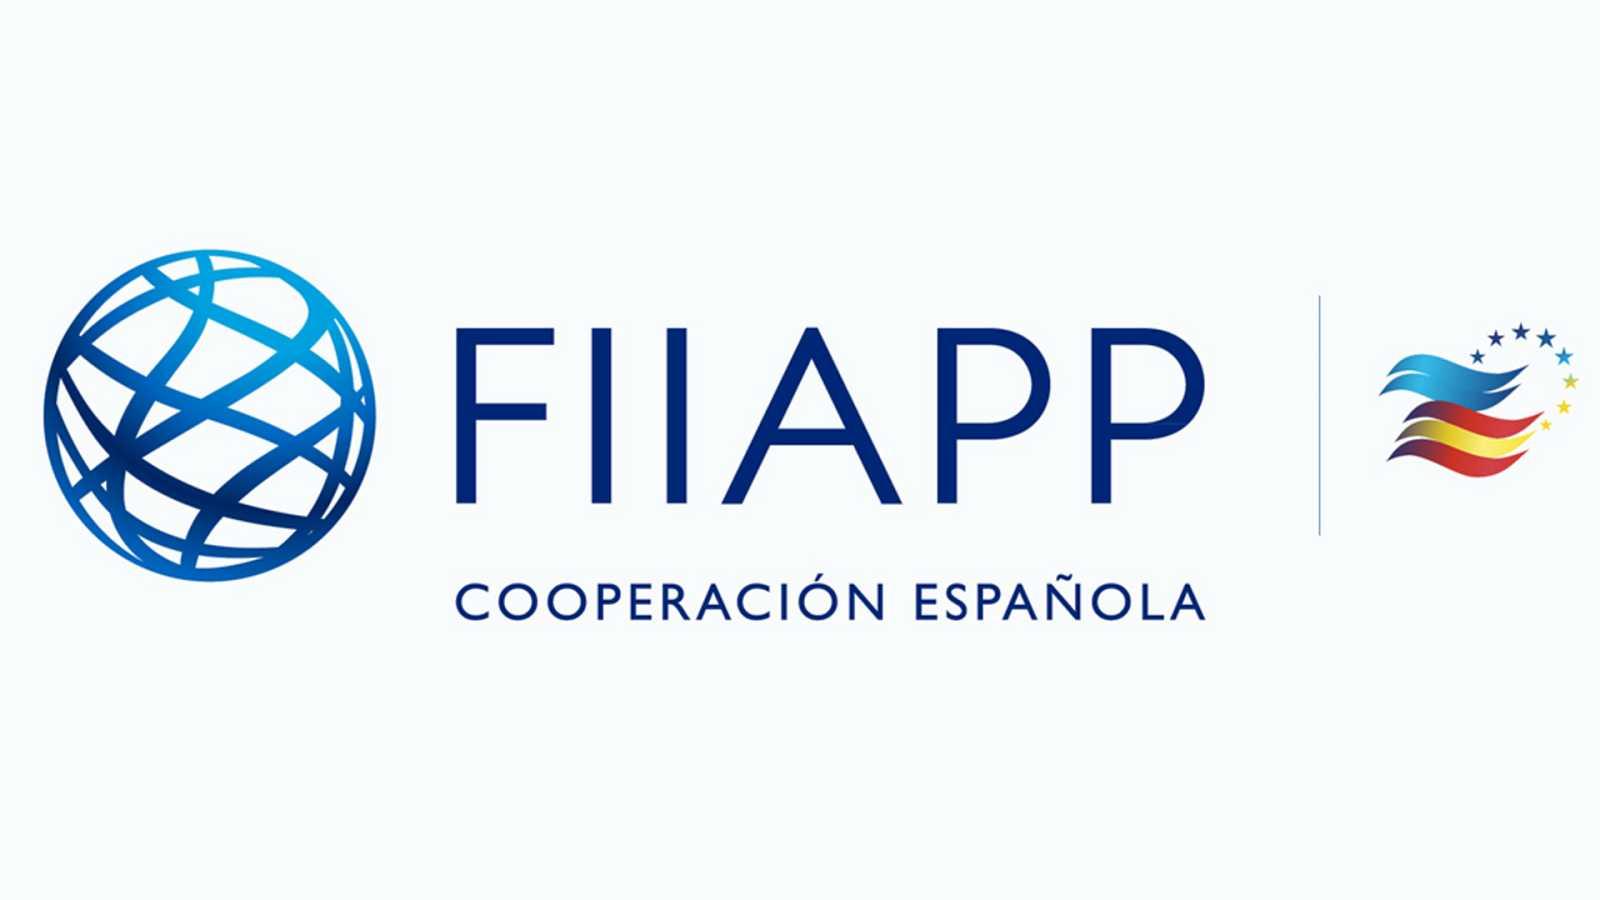 Cooperación pública en el mundo (FIAPP) - La mejora de los laboratorios forenses en Turquía - 17/02/21 - escuchar ahora